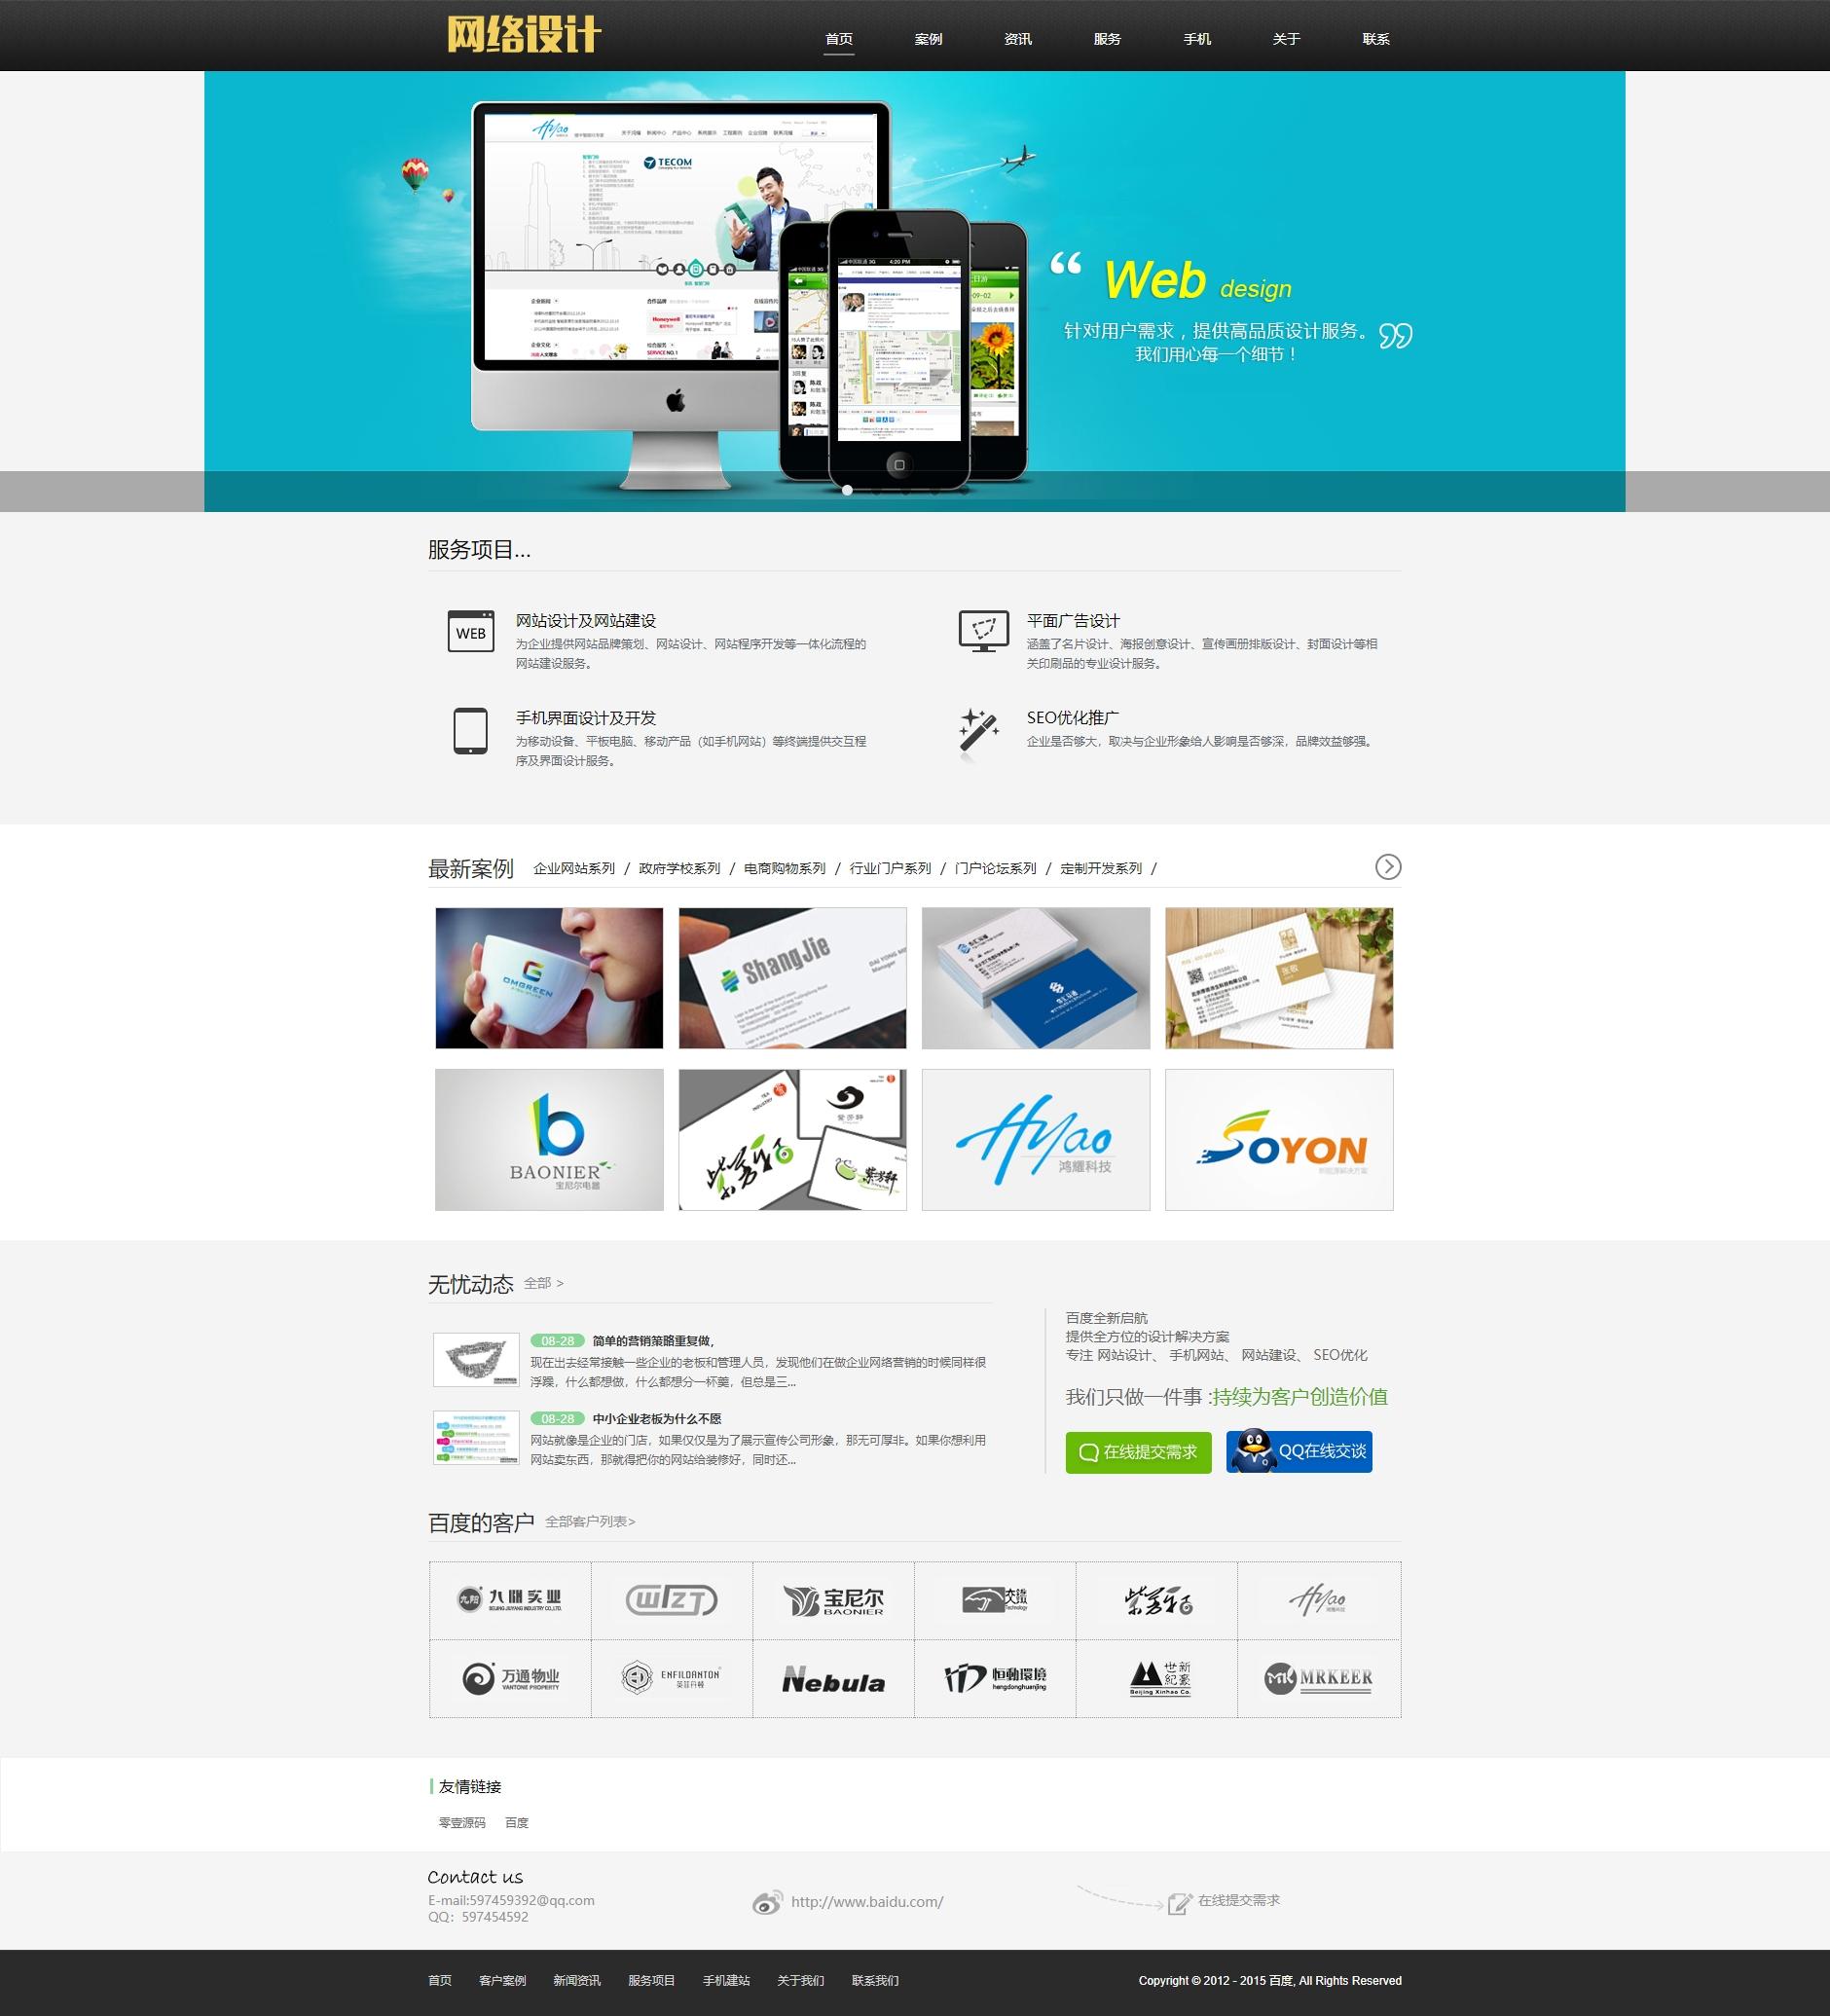 织梦dedecms网络设计工作室-网络公司整站模板